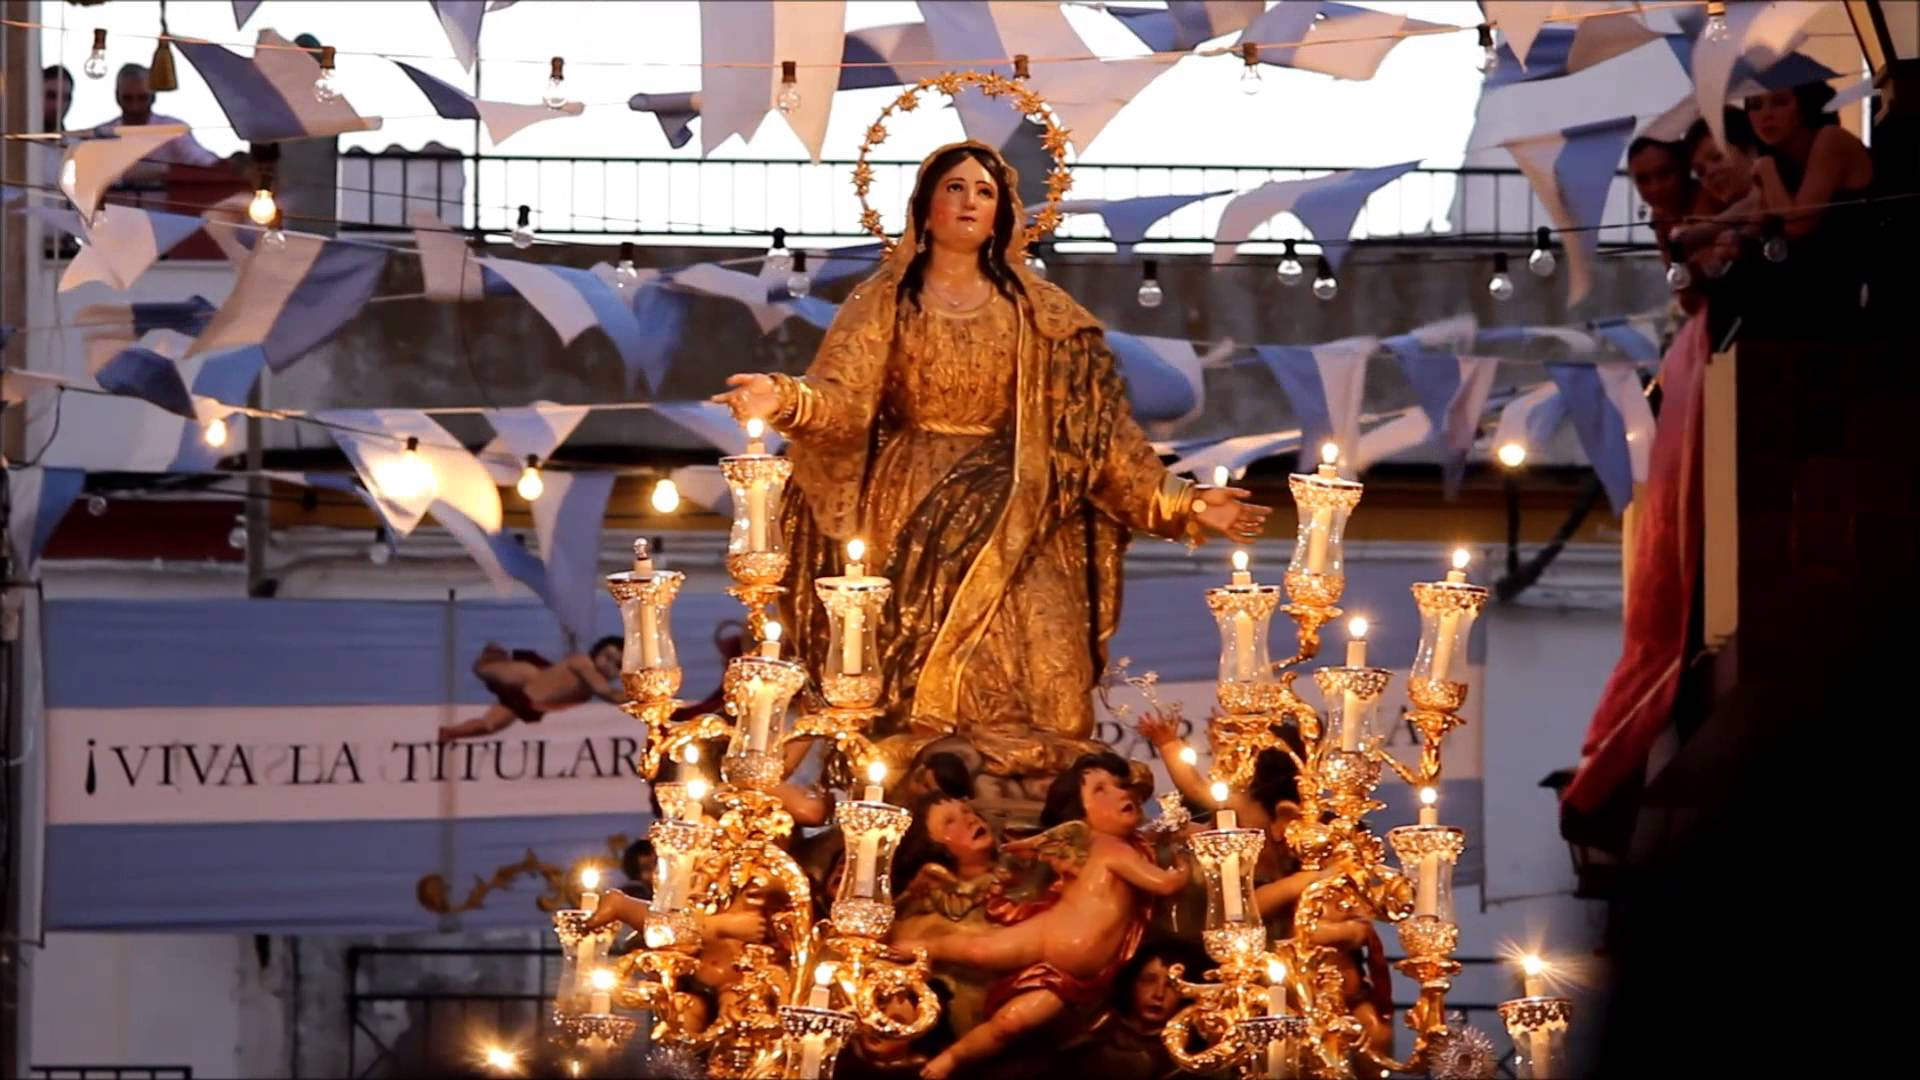 Sigue en directo la procesión de la Asunción de Cantillana en De Nazaret a Sevilla